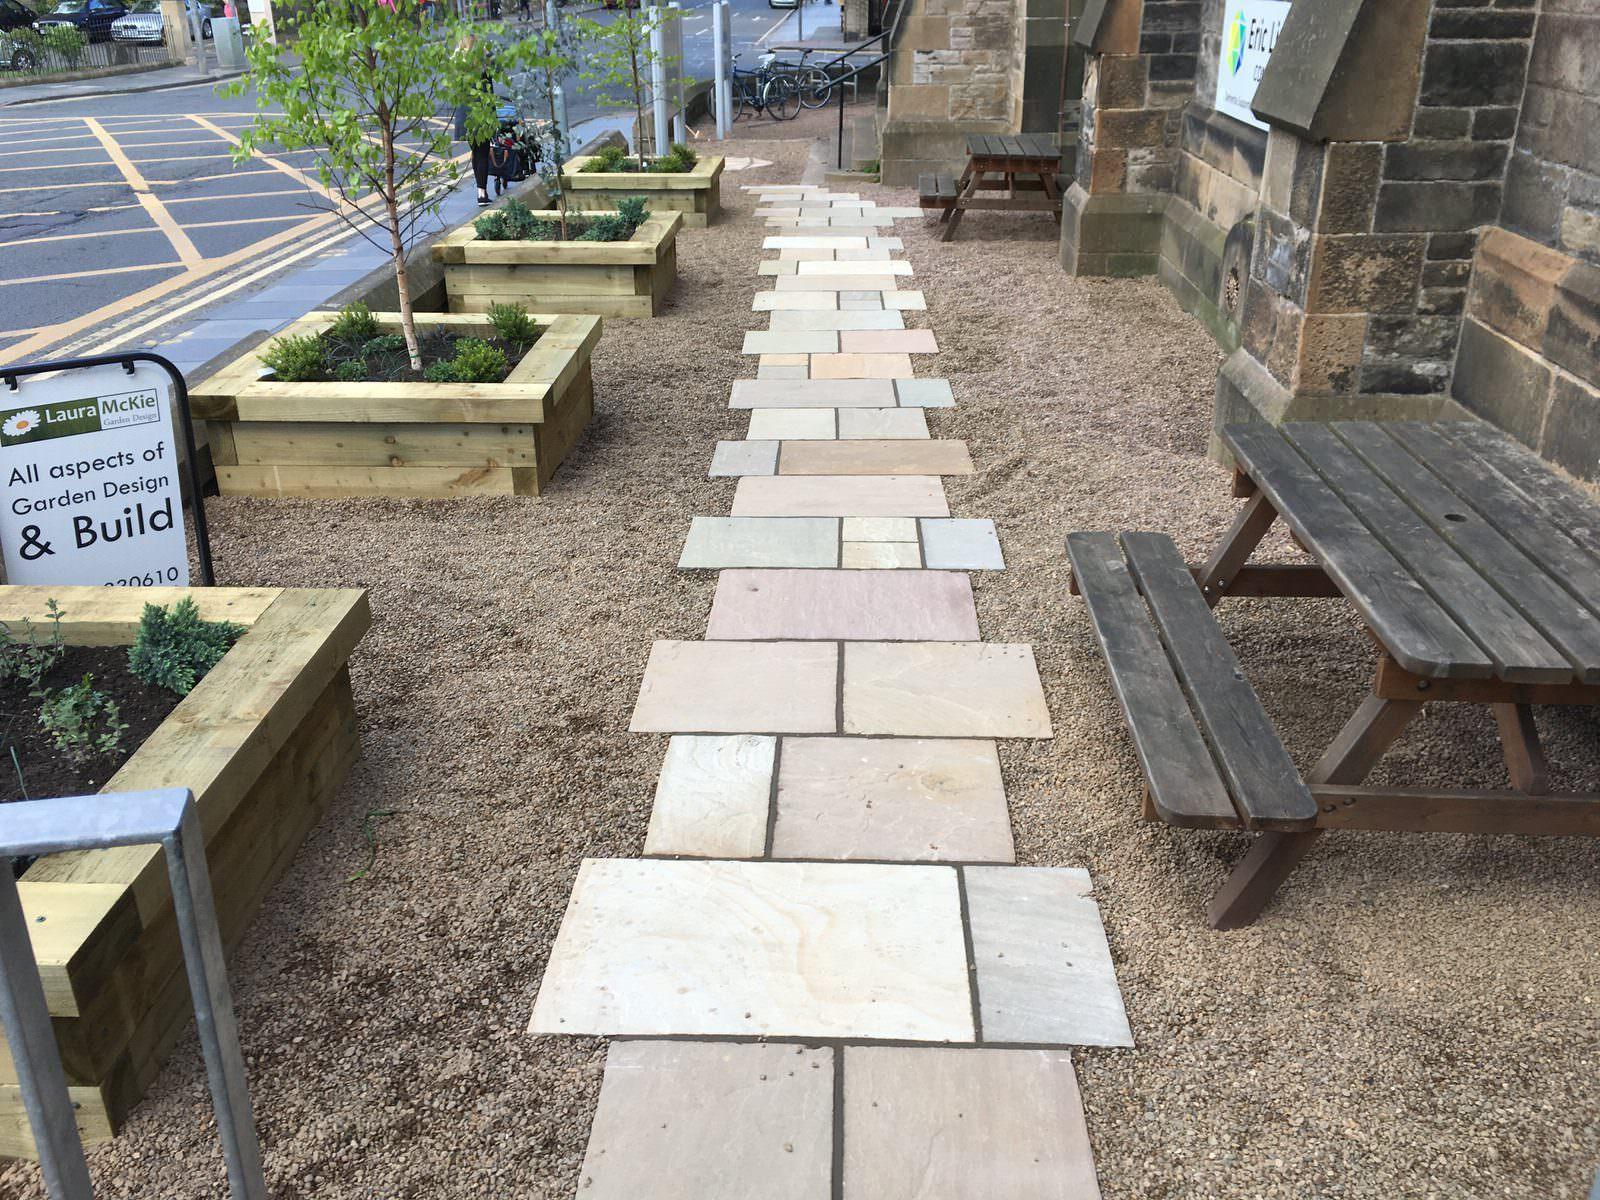 Eric Liddell front garden design, Edinburgh